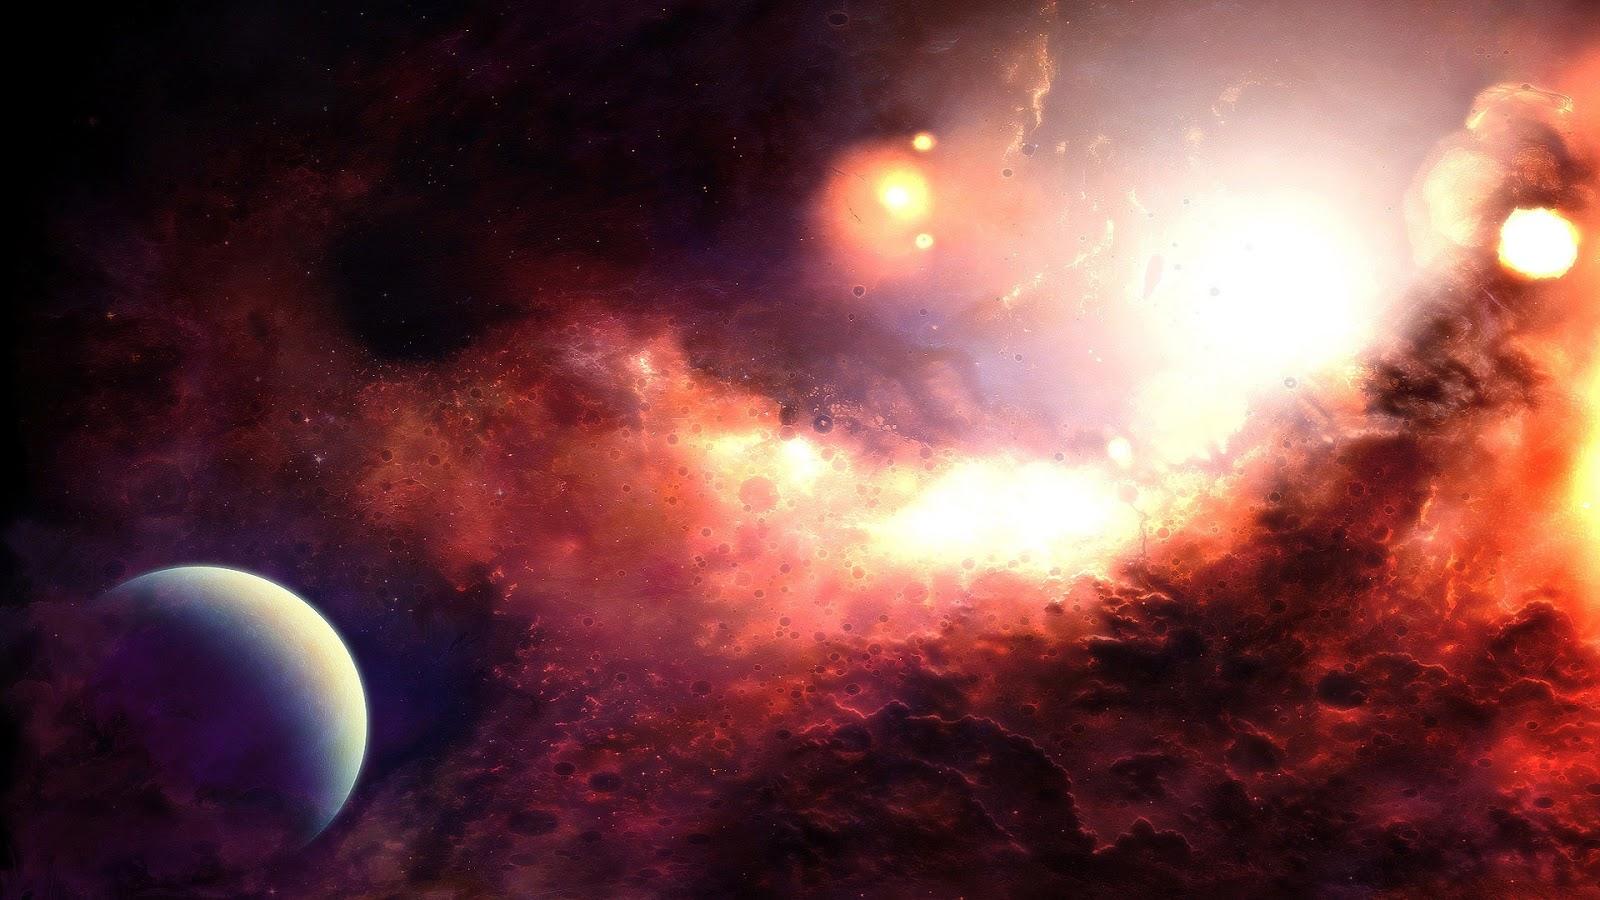 オレンジ色の光の宇宙